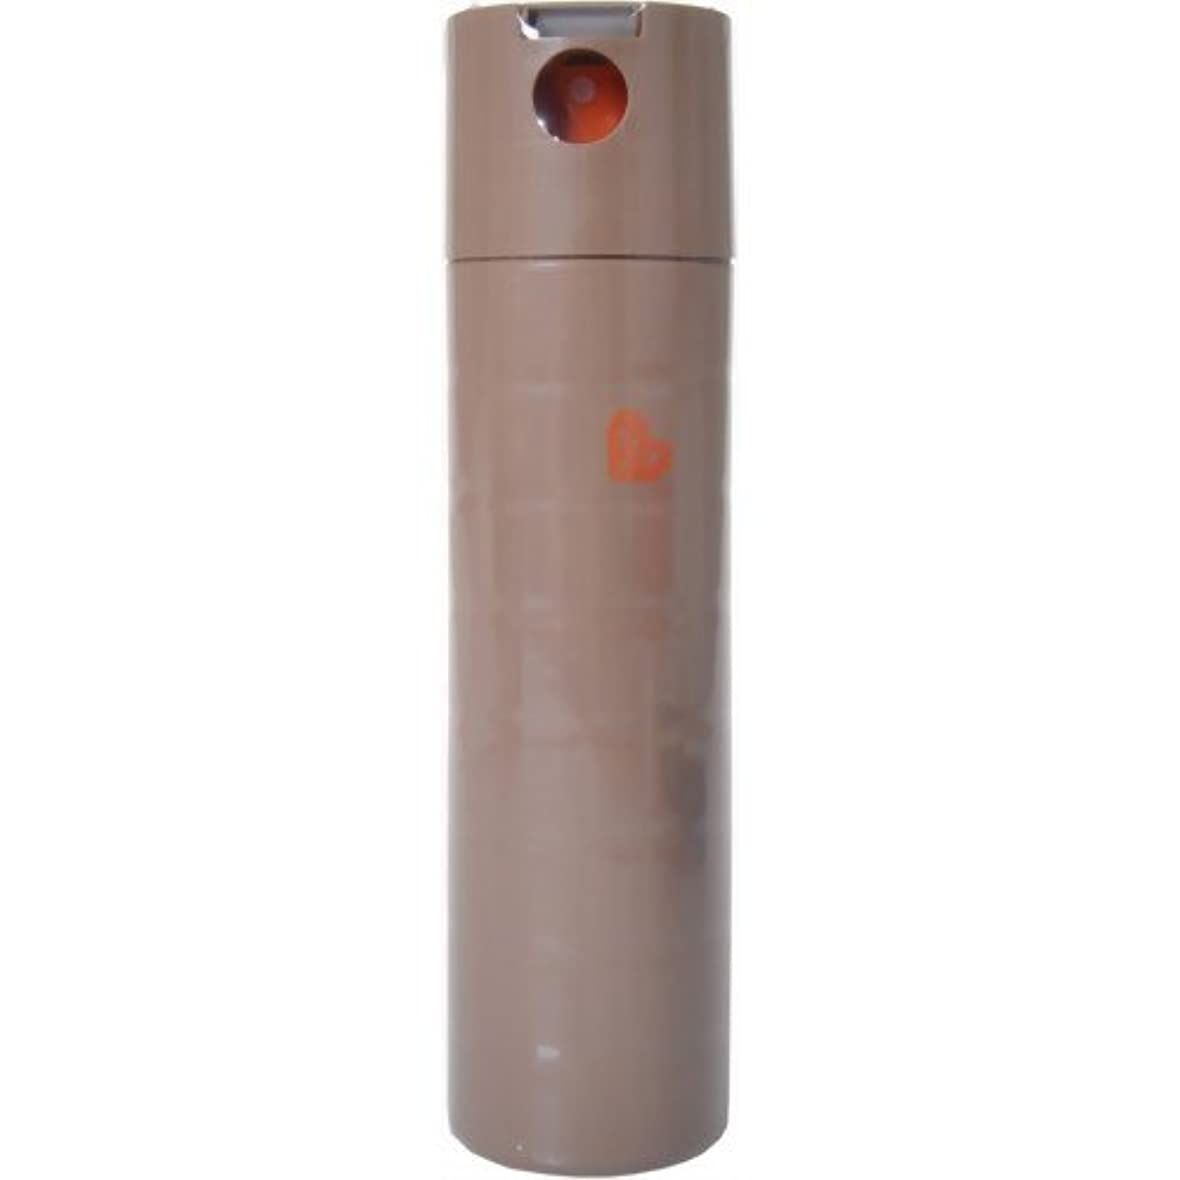 コカイン肺トンネルアリミノ ピース ワックススプレー カフェオレ 143g (200mL)